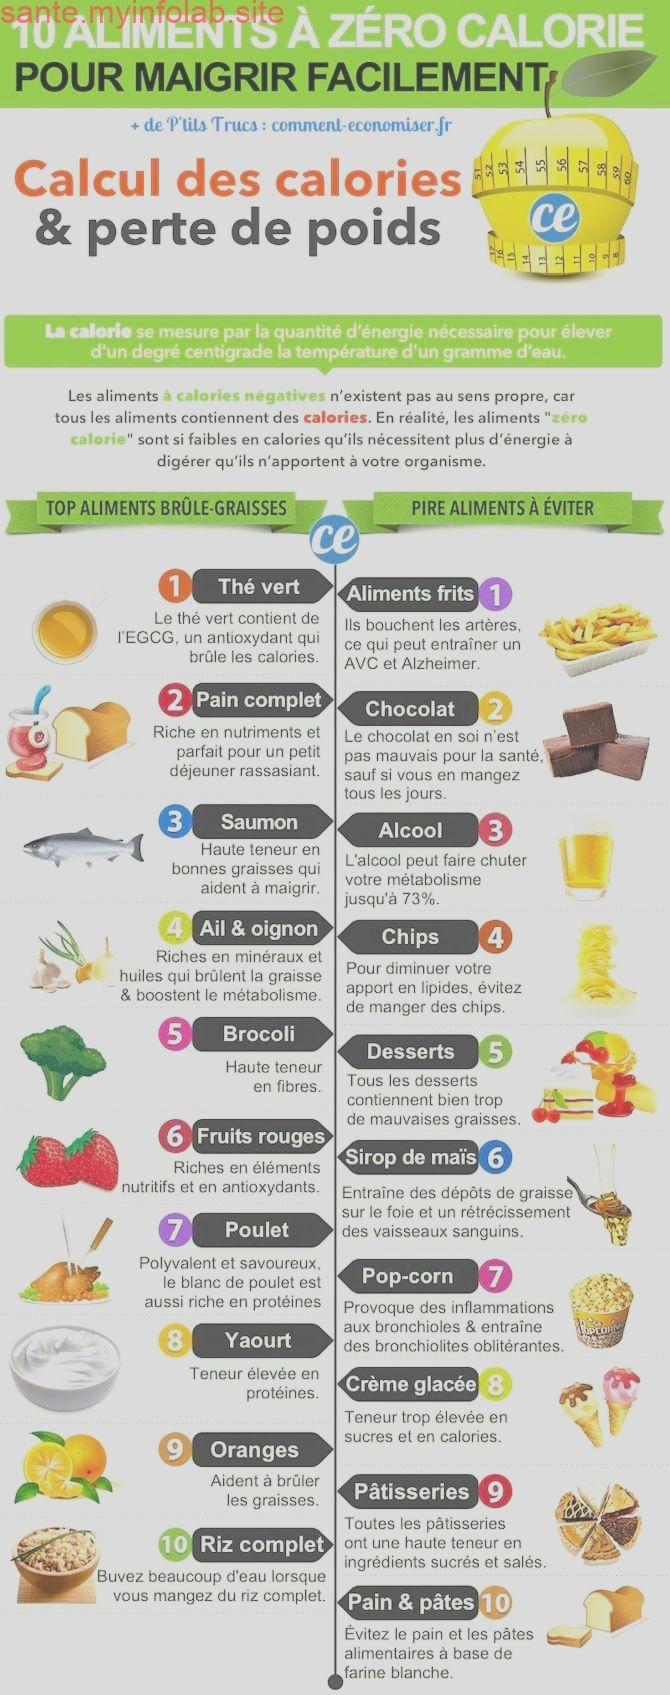 Les 10 Meilleurs Aliments A Zero Calorie Pour Maigrir Facilement Diet And Nutrition Zero Calorie Foods Nutrition